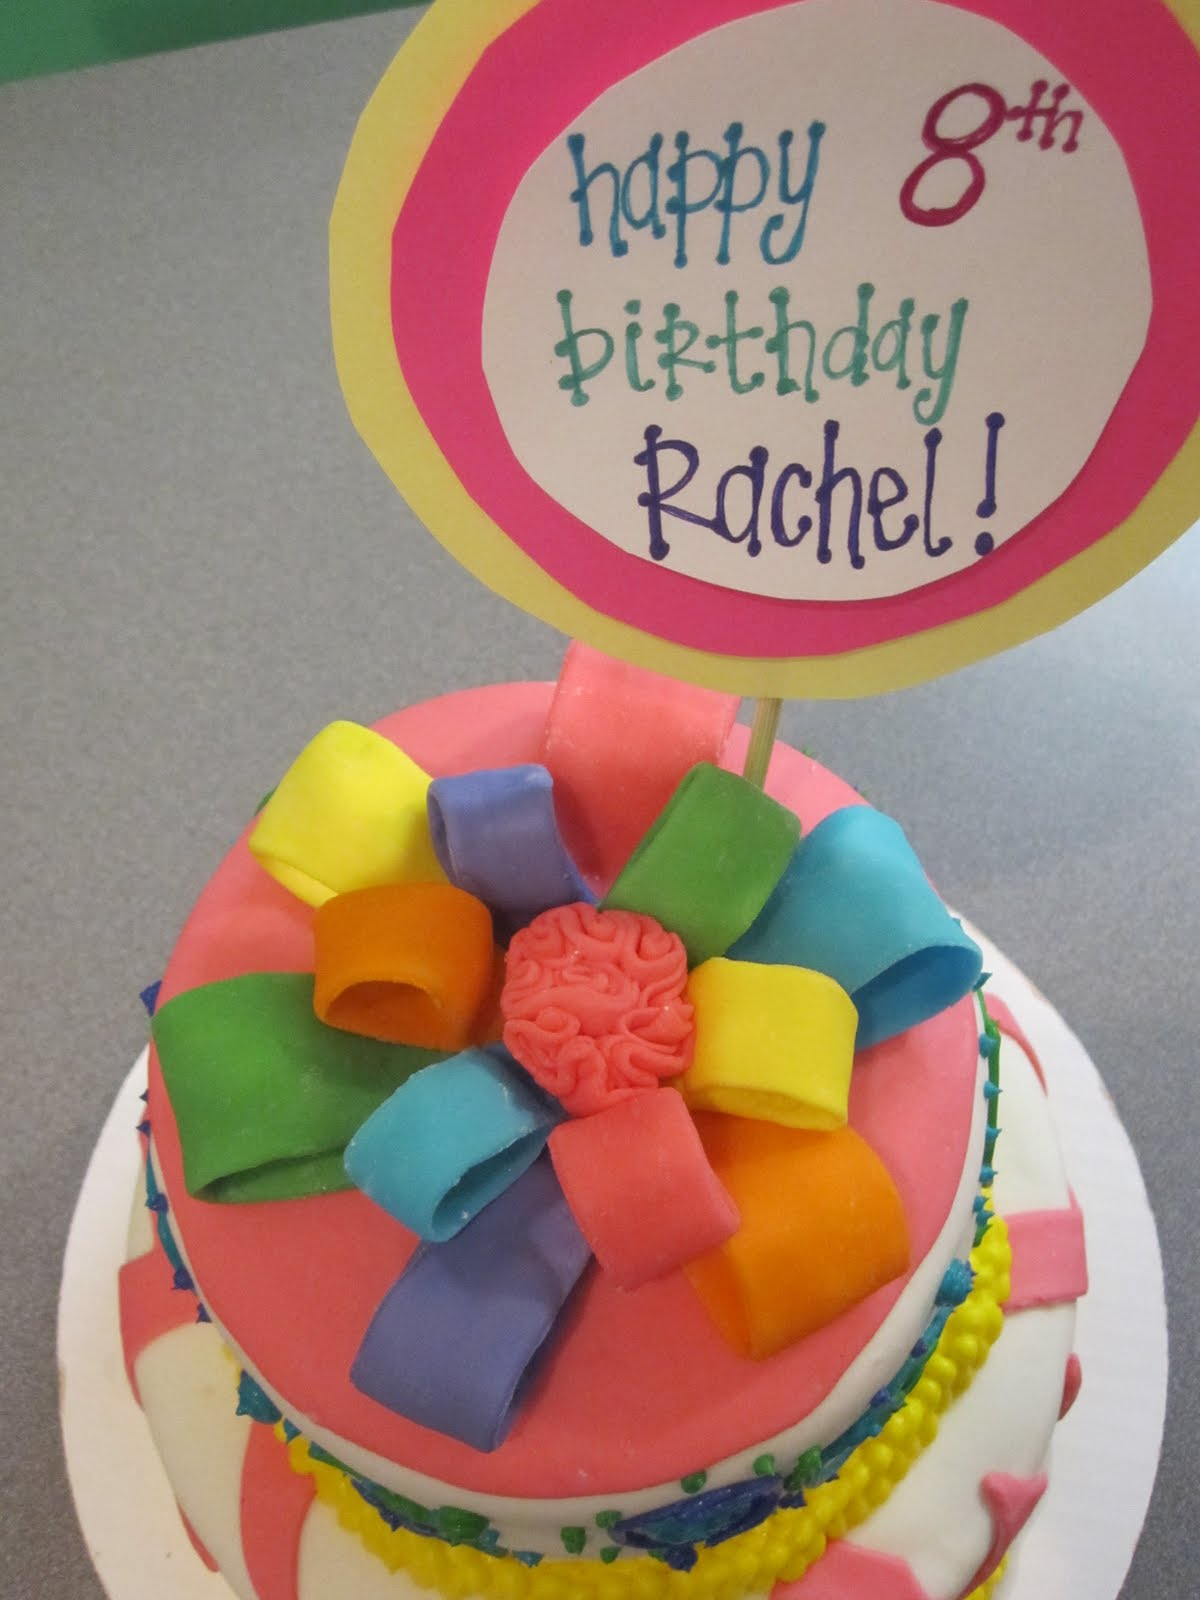 Cake it Pretty: Happy 8th Birthday! (1200 x 1600 Pixel)